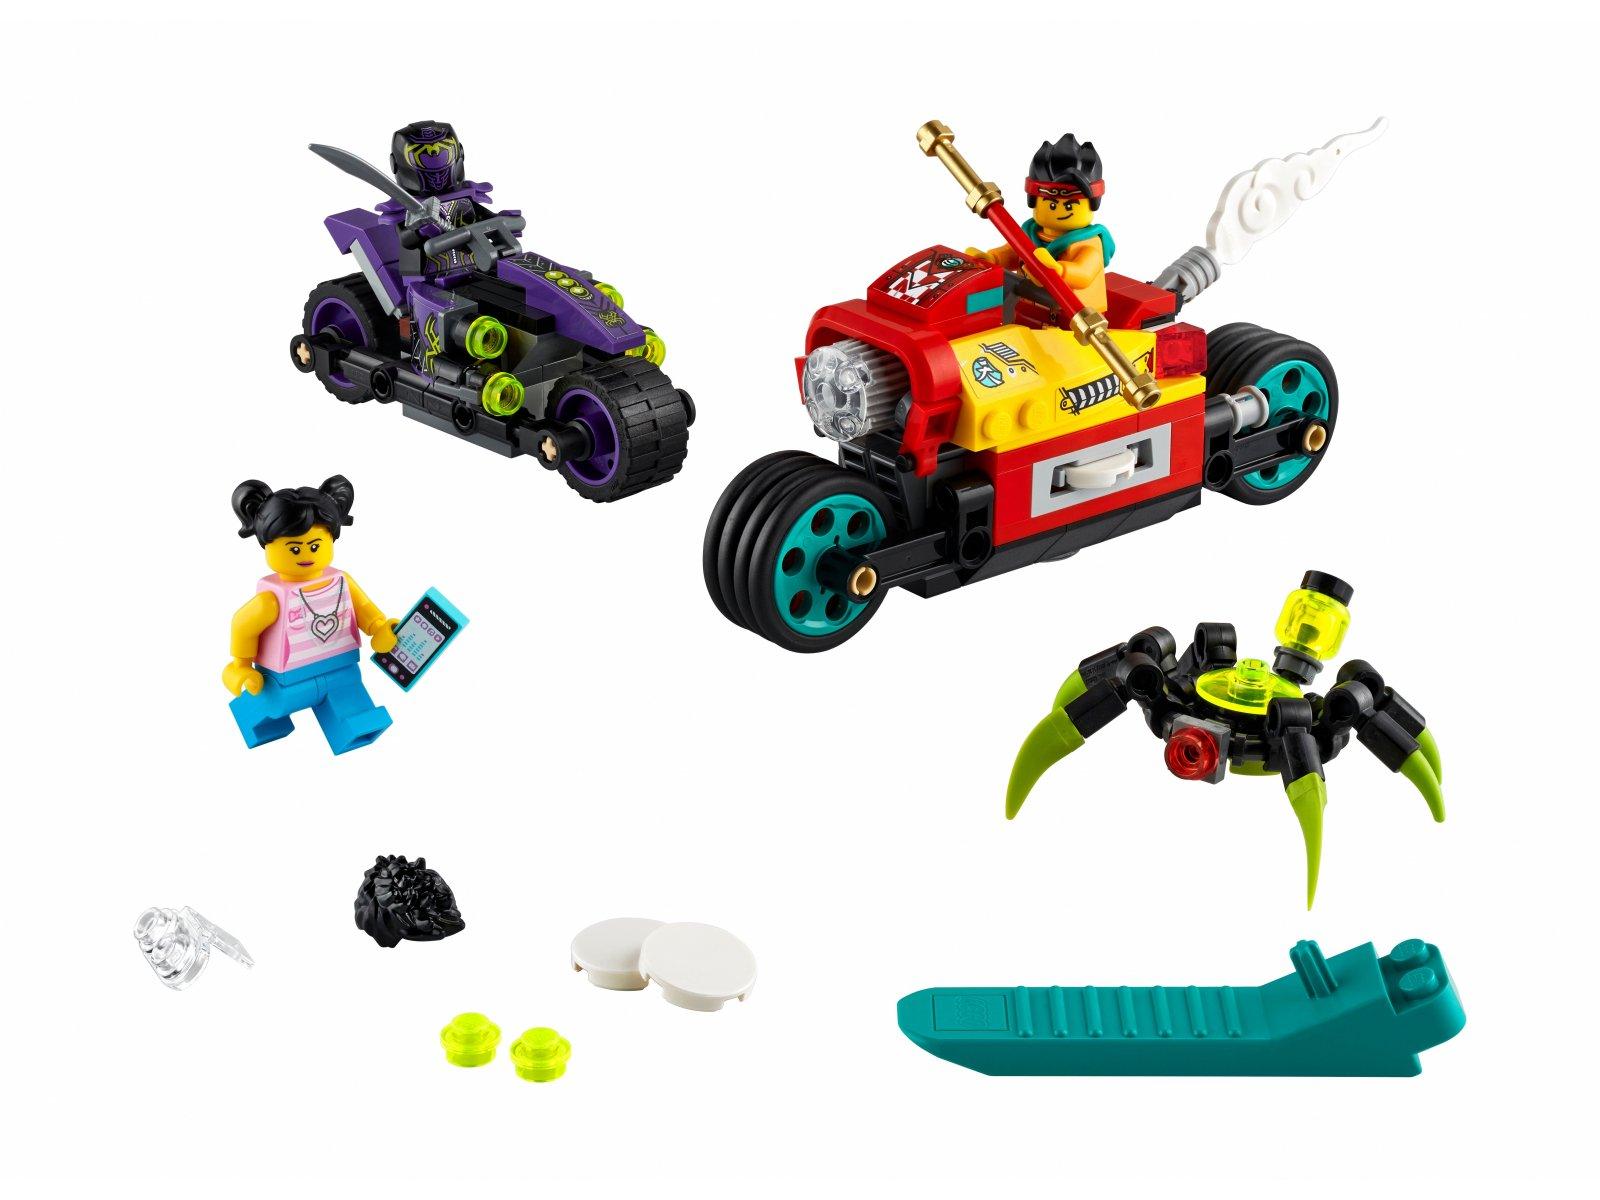 LEGO 80018 Podniebny motocykl Monkie Kida